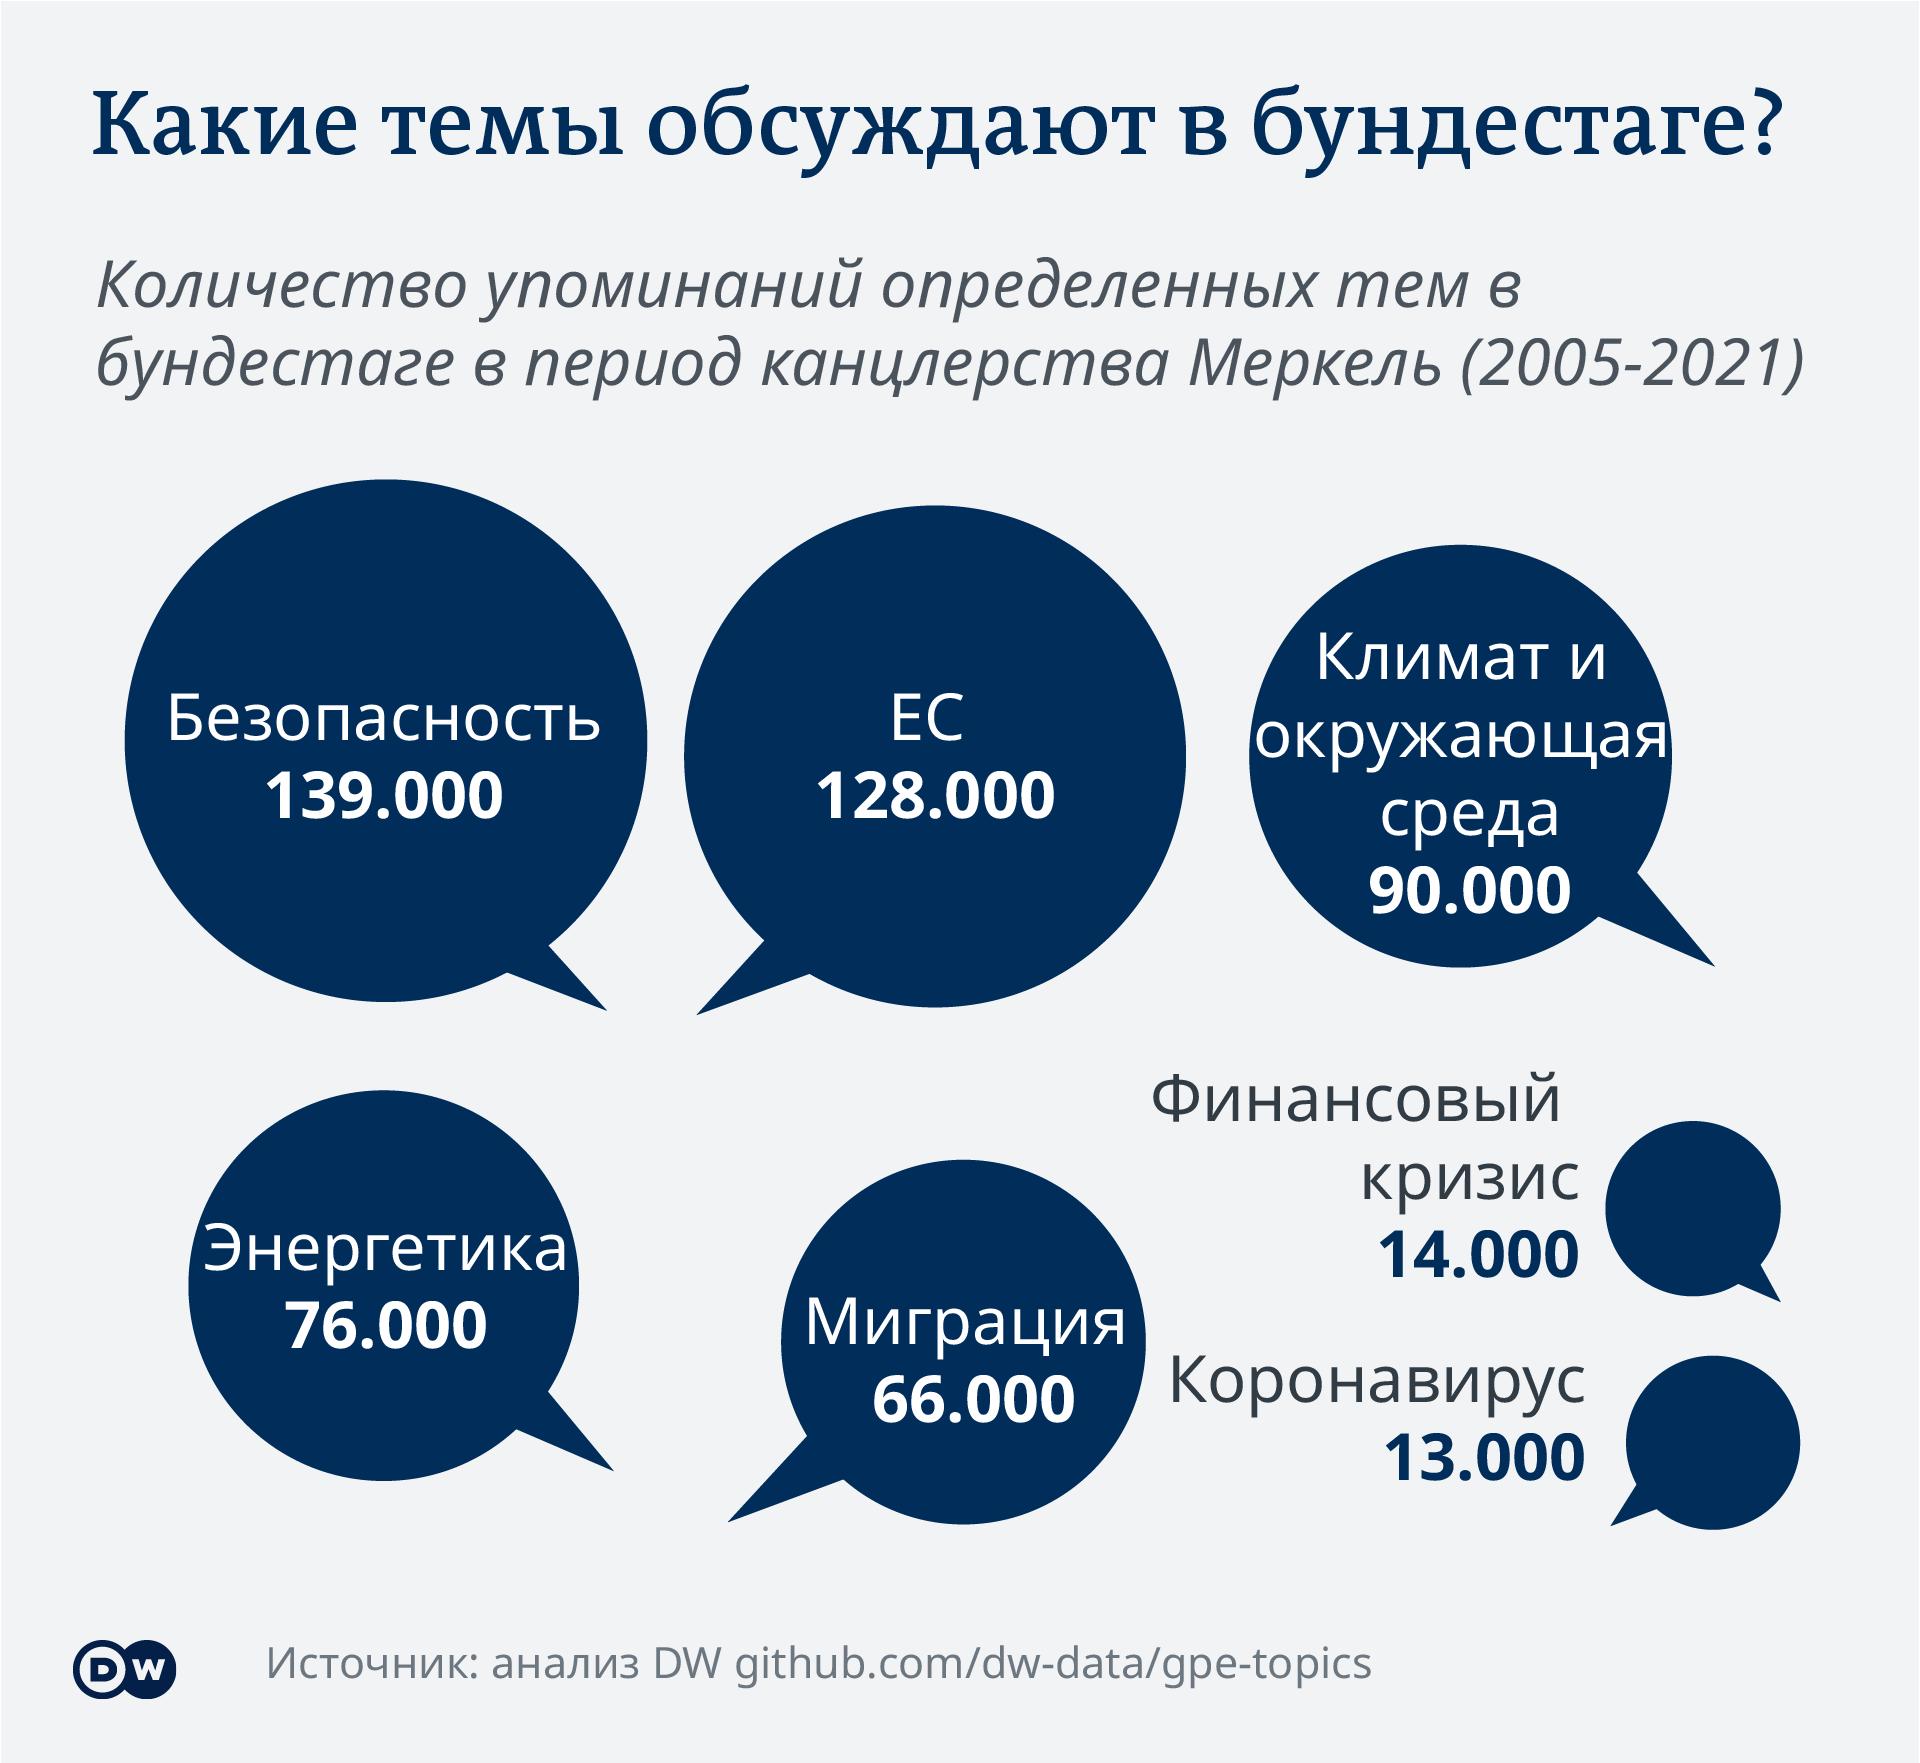 Инфографика Какие темы обсуждают в бундестаге?